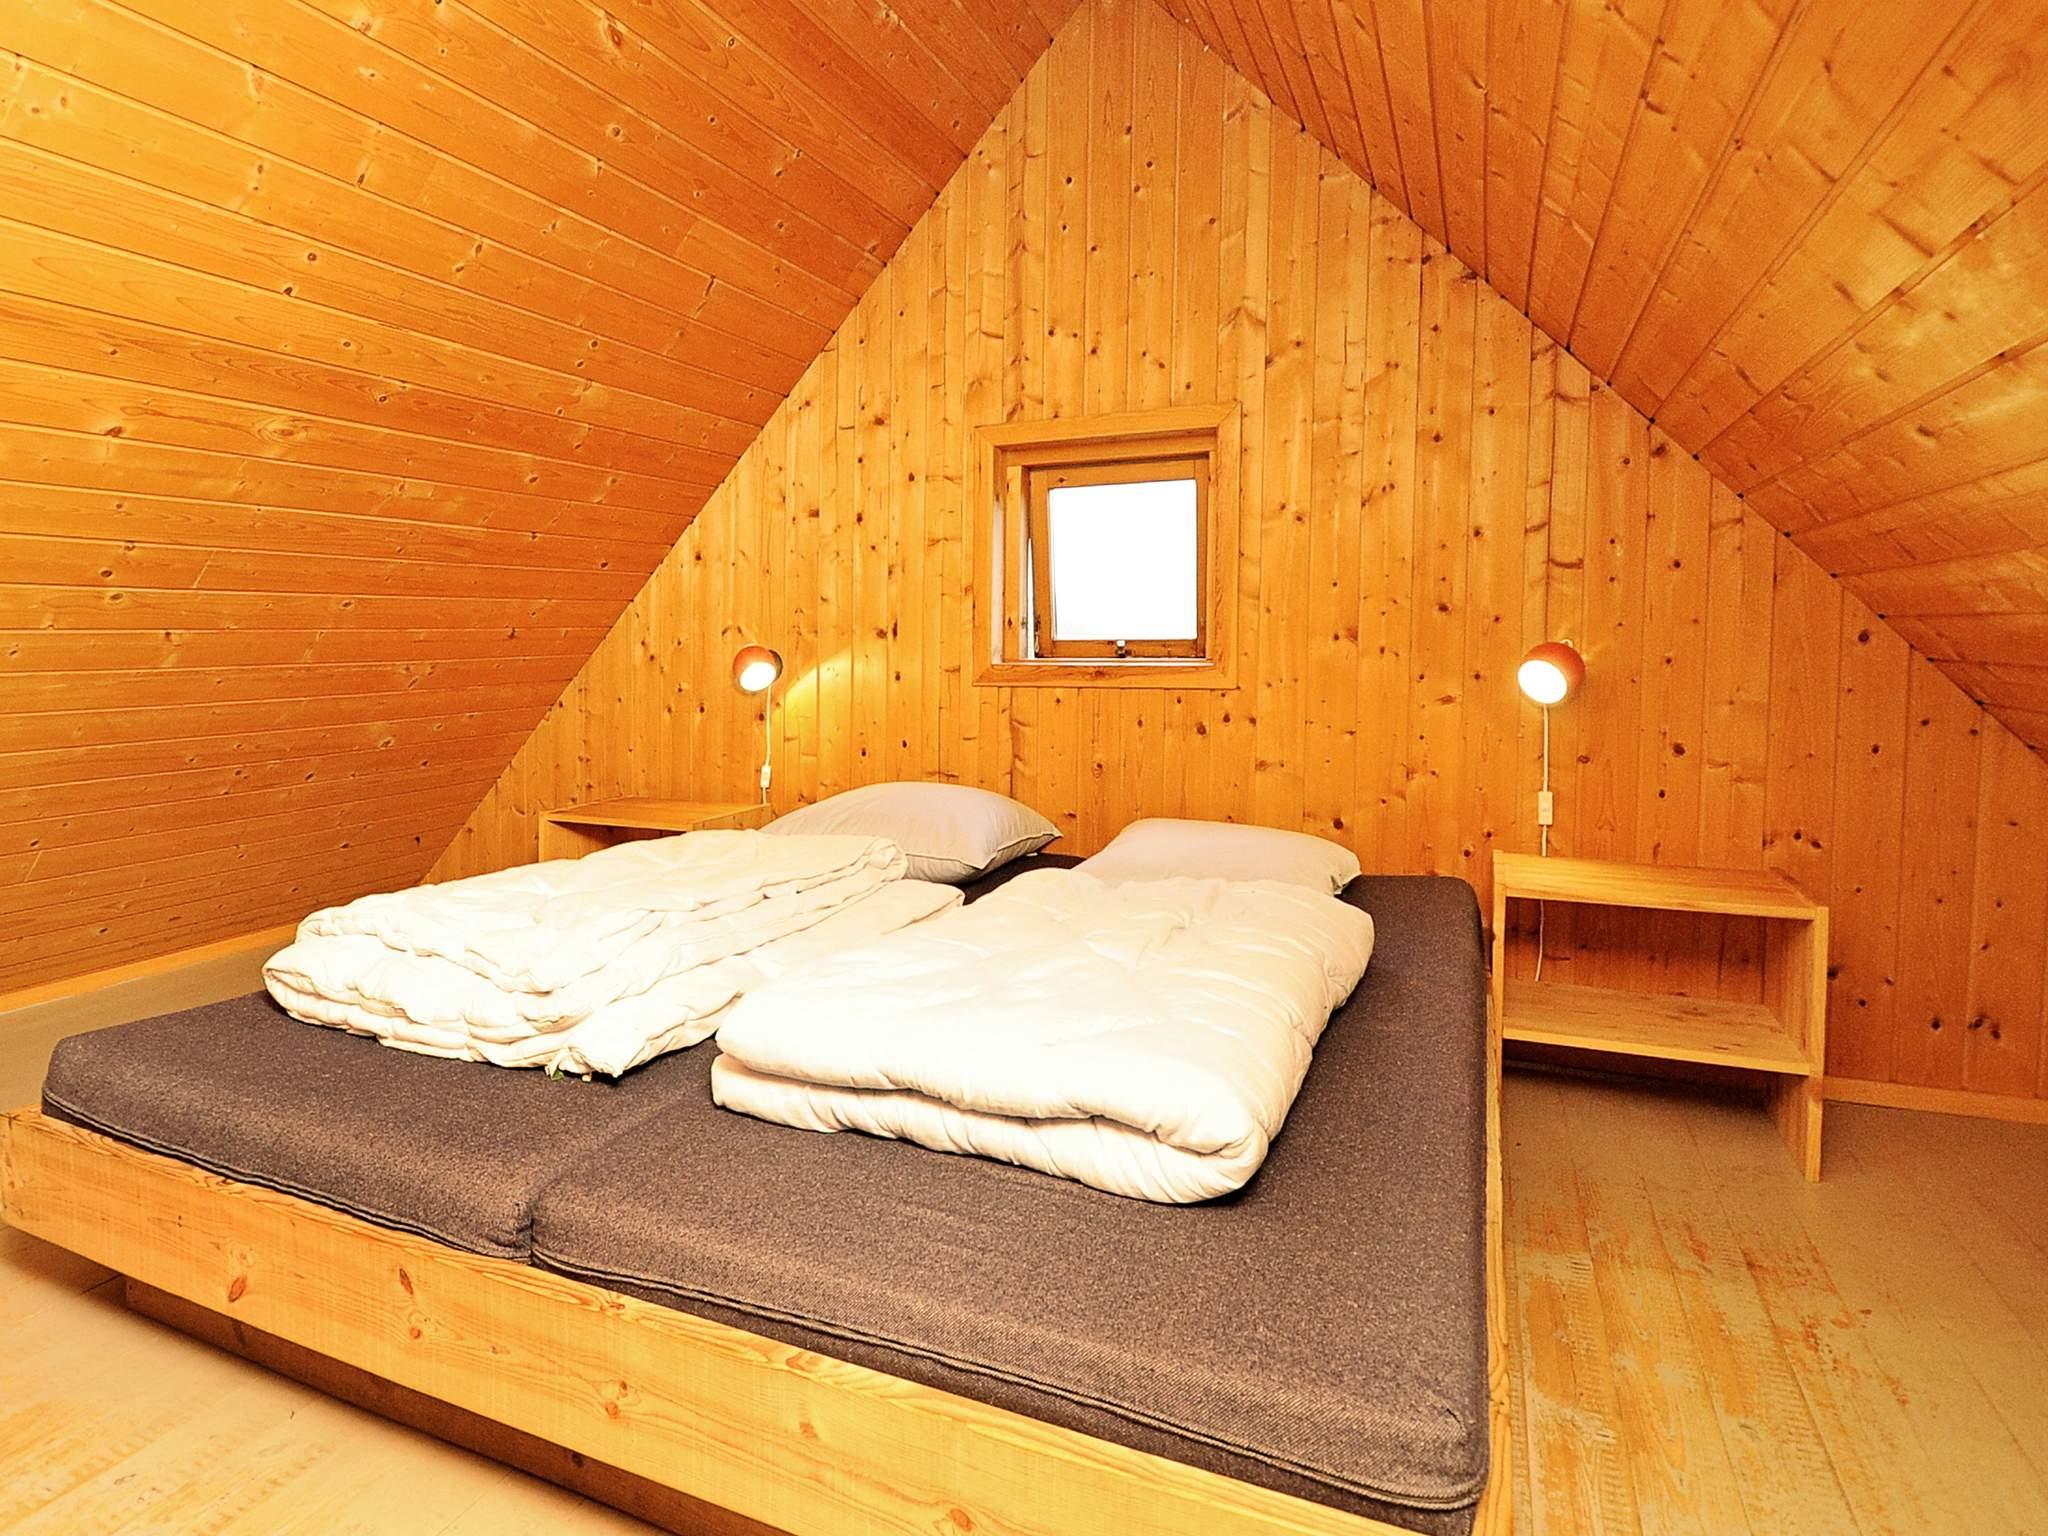 Ferienhaus Fjaltring Ferieby (88880), Fjaltring, , Limfjord, Dänemark, Bild 12